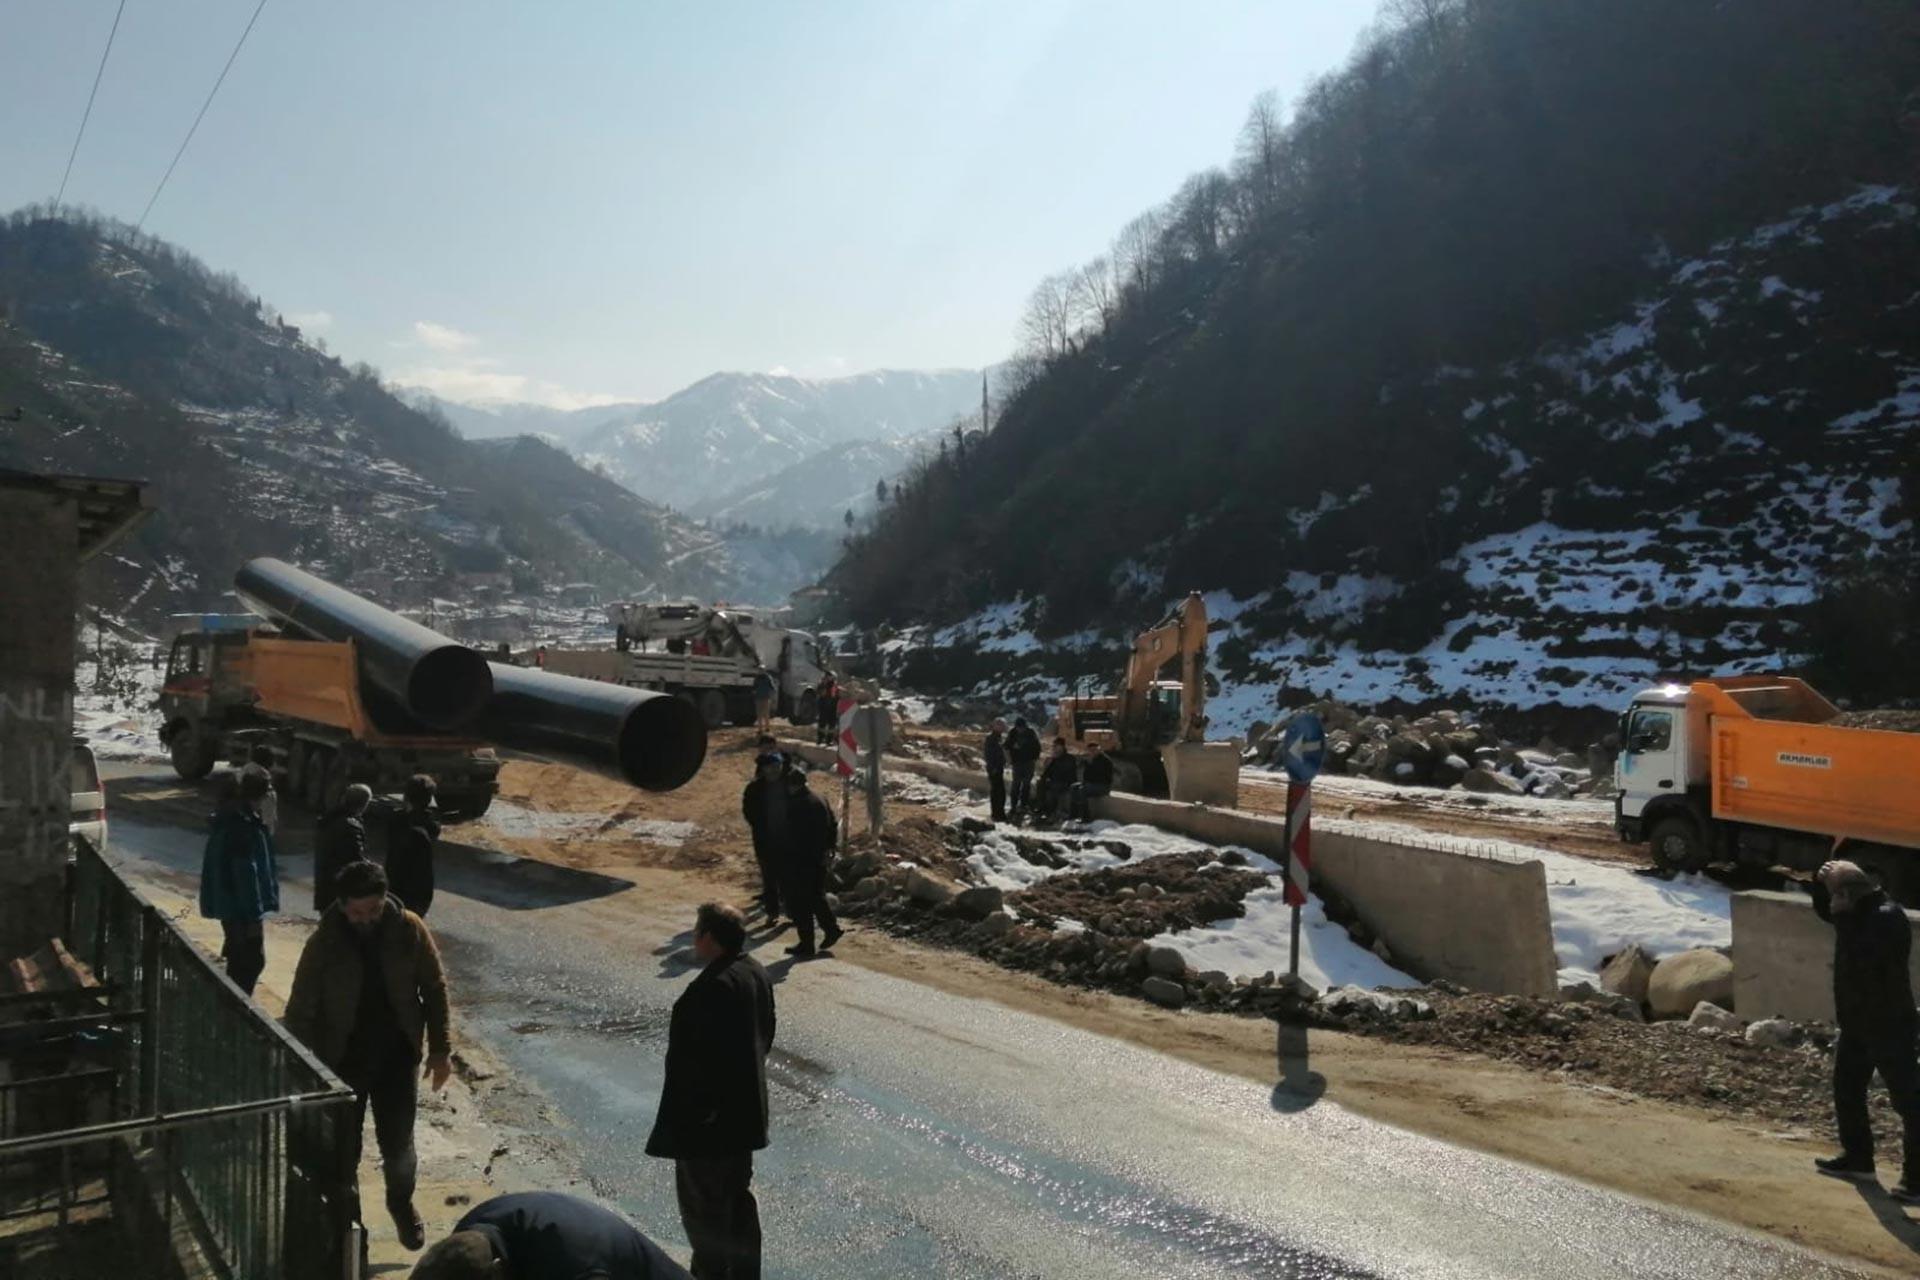 Rize Güneysu Gürgen köyünde Baro Enerji adlı şirketin hukuksuz şekilde yapmaya çalıştığı HES projesine köylüler karşı çıkıyor.